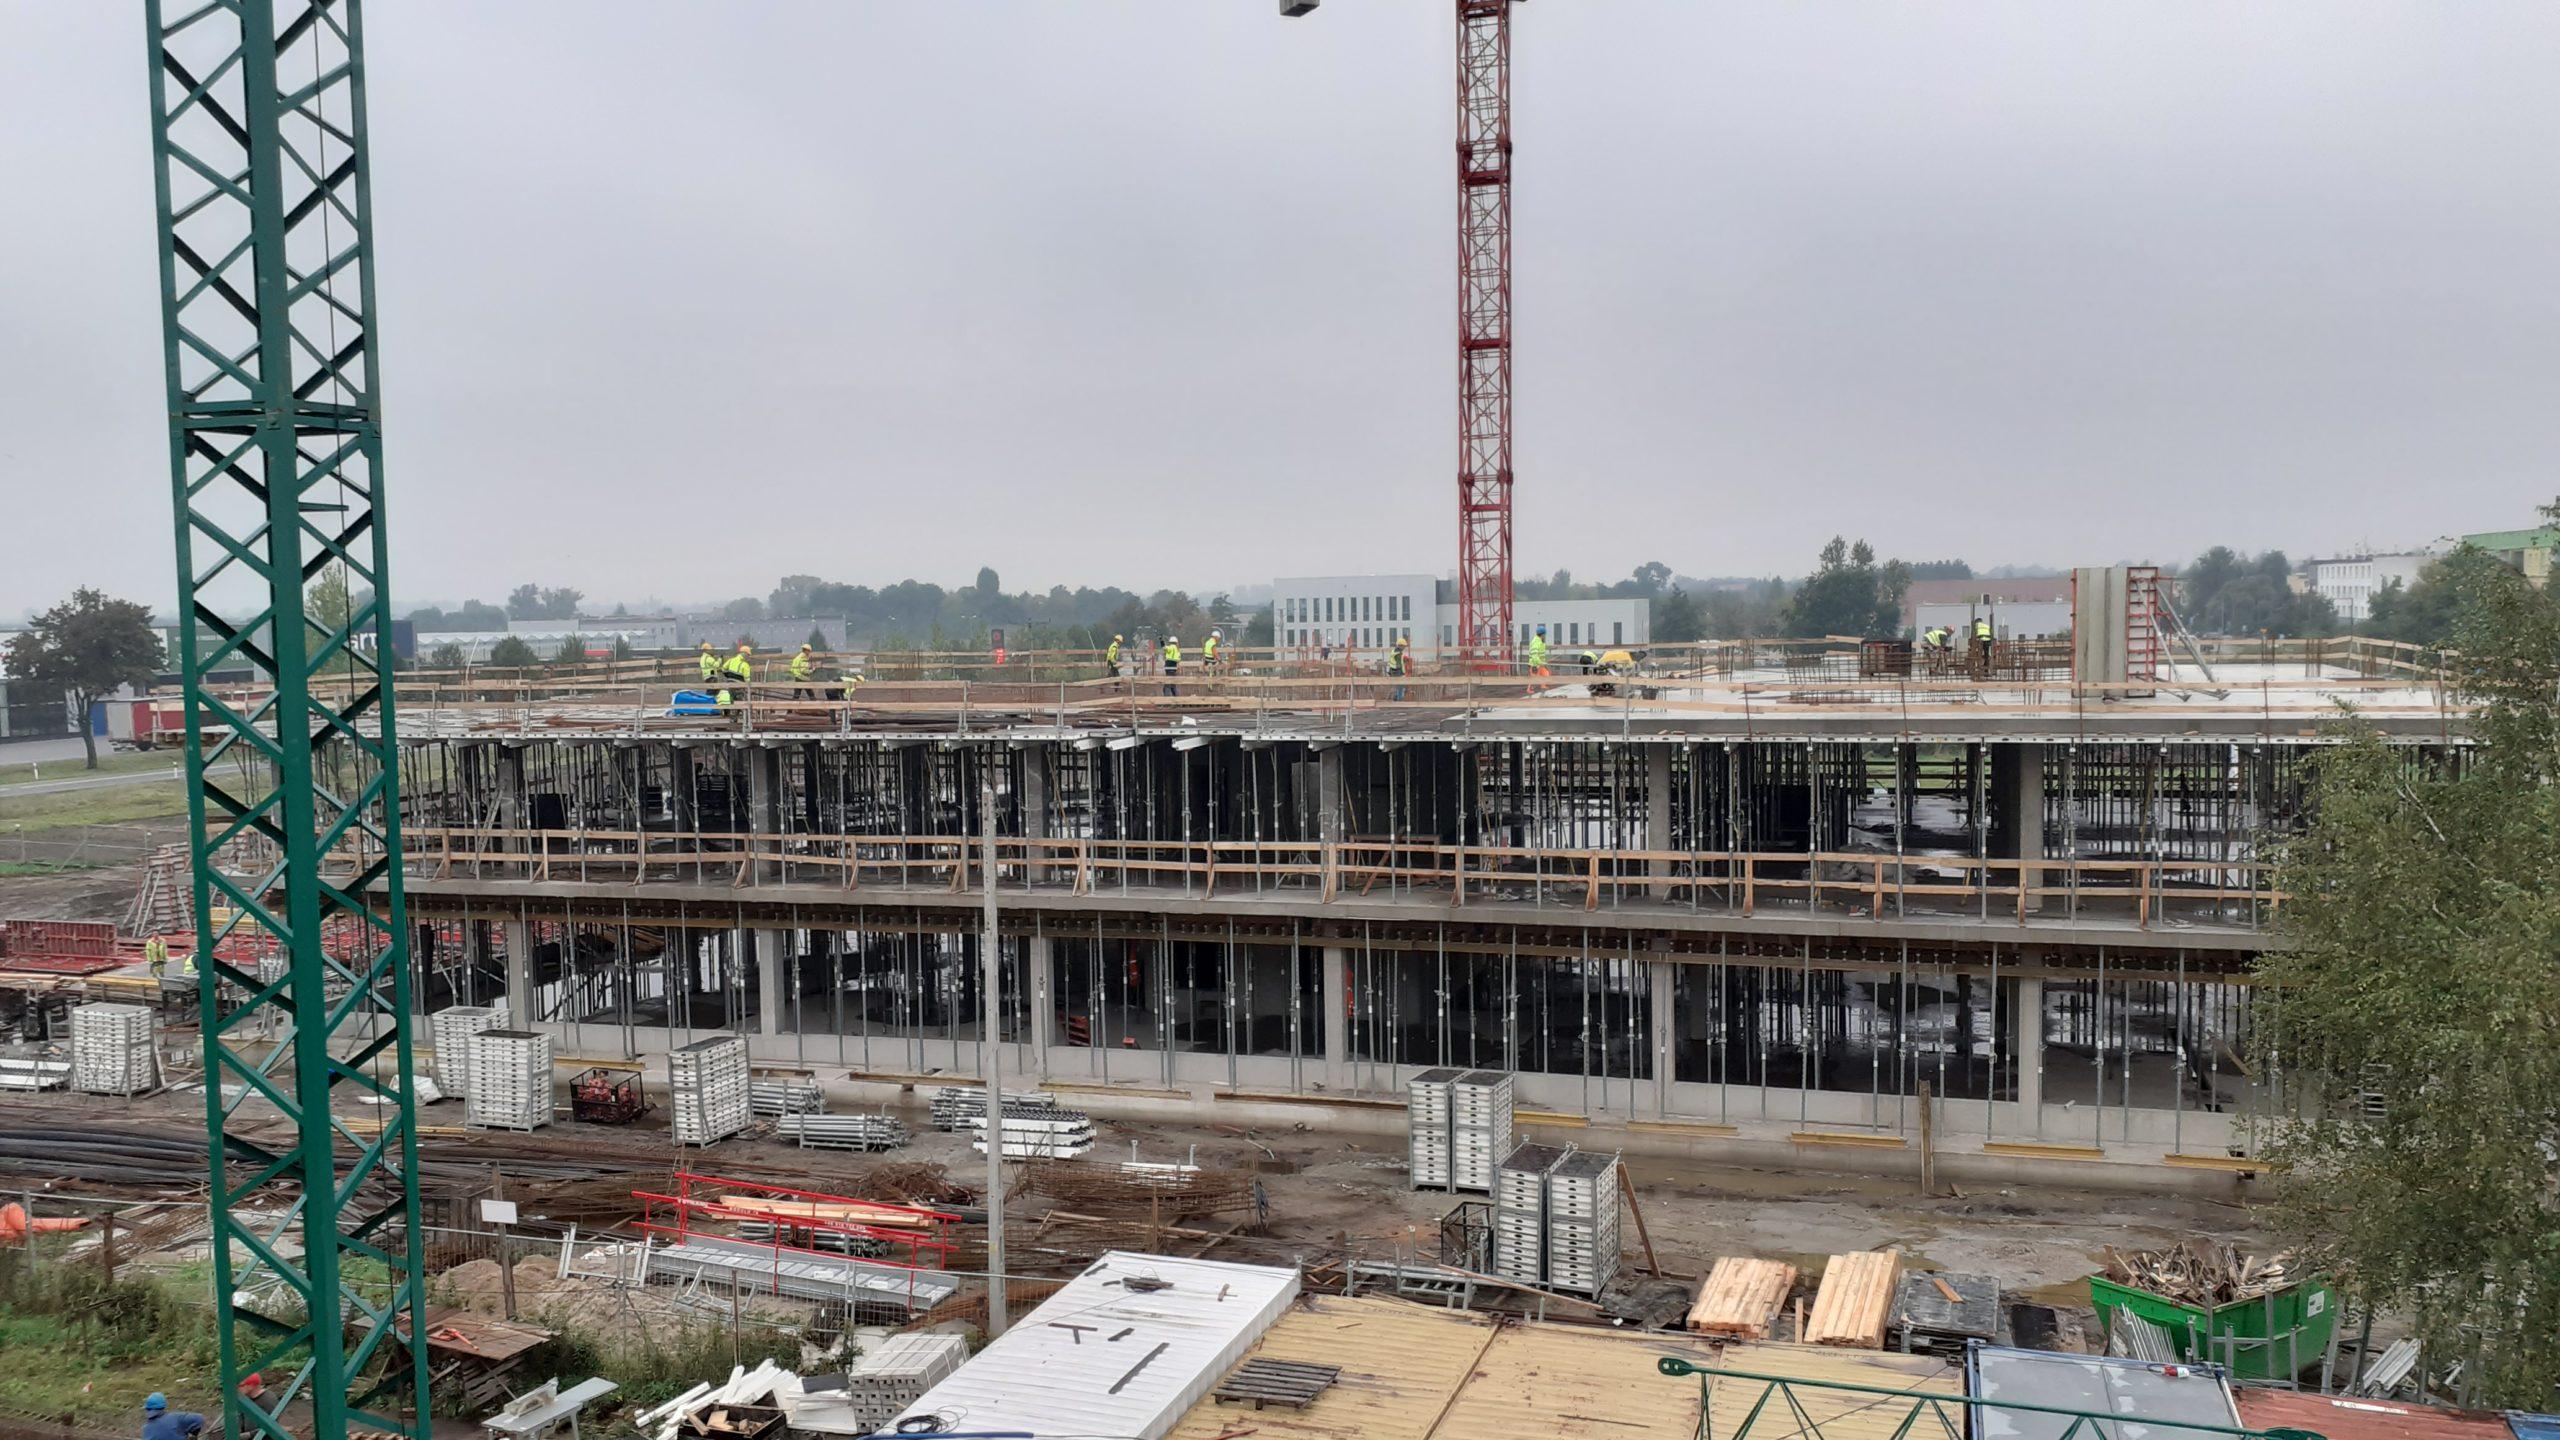 Budowa - stan aktualny